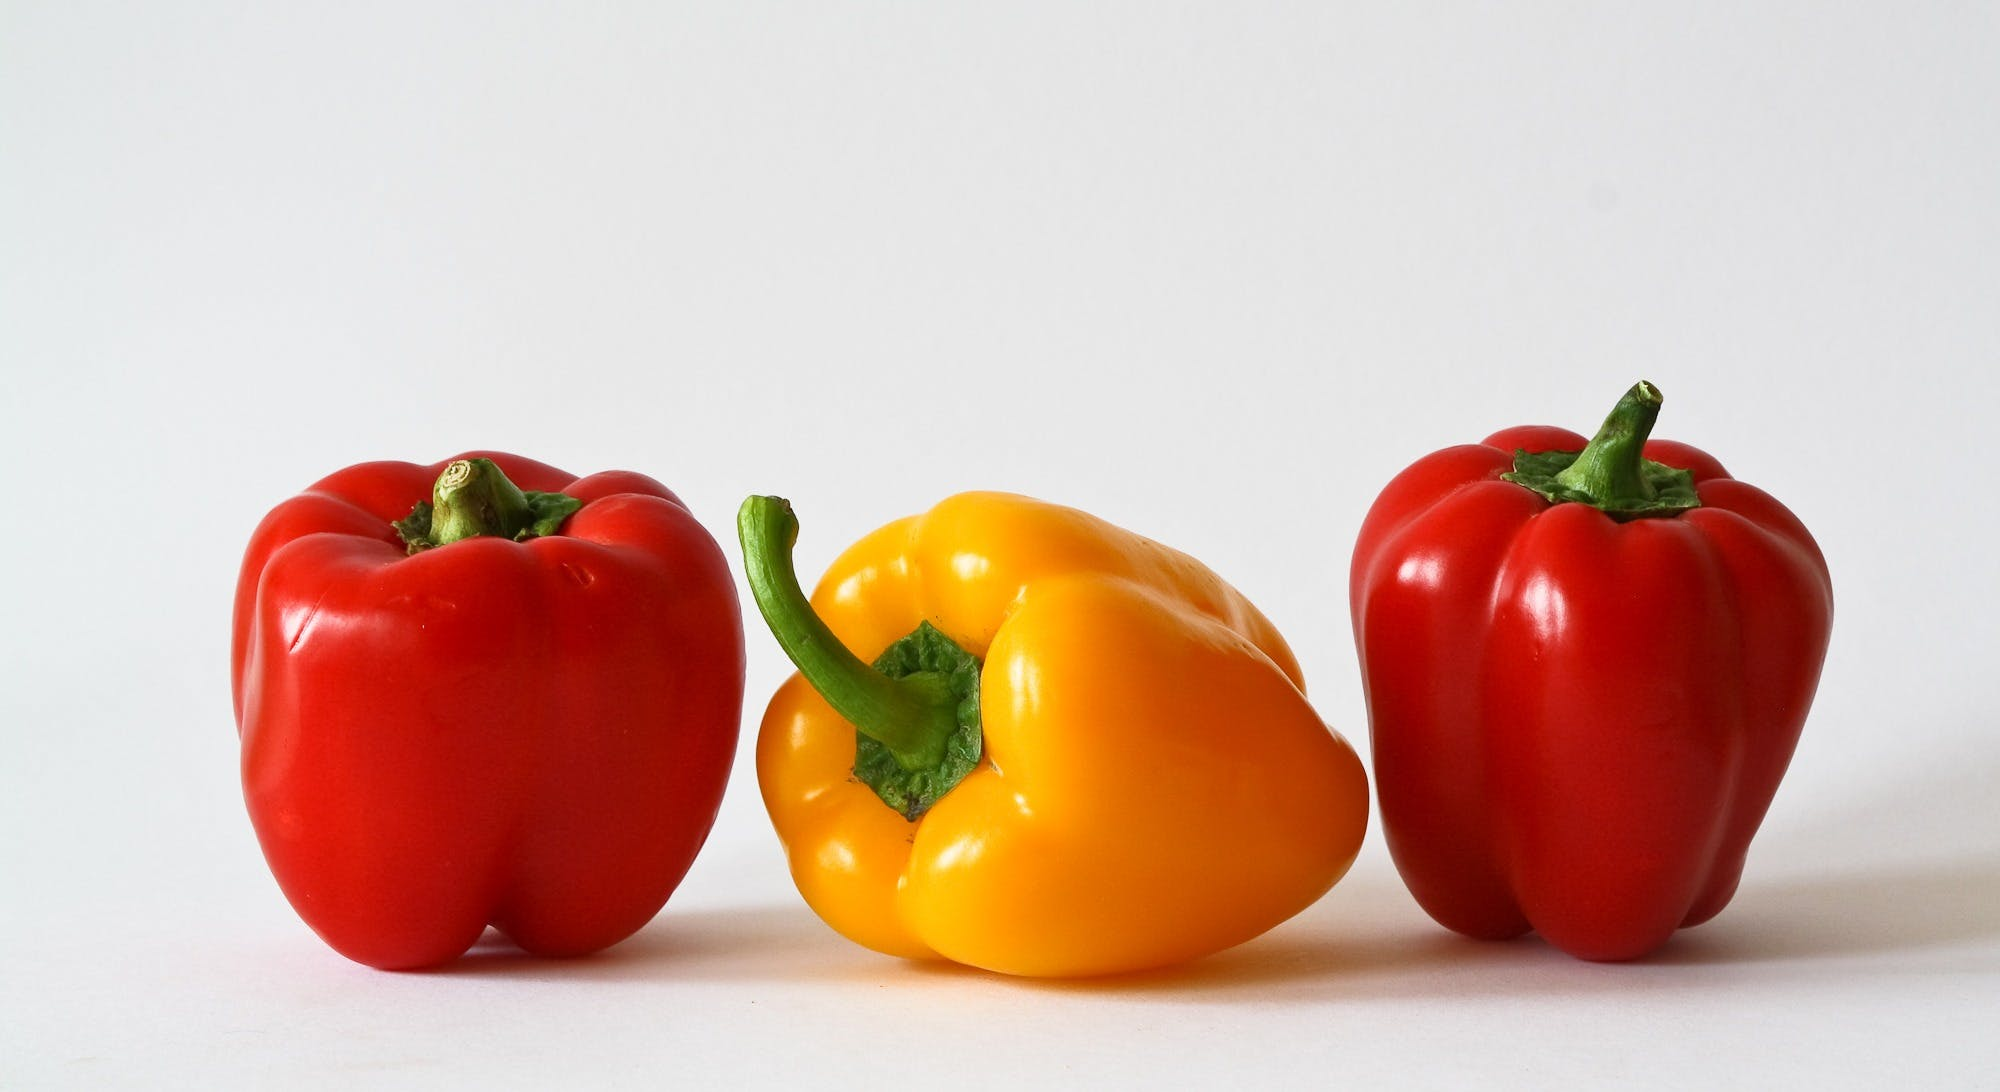 Fotos de stock gratuitas de amarillo, comida, frutas, rojo